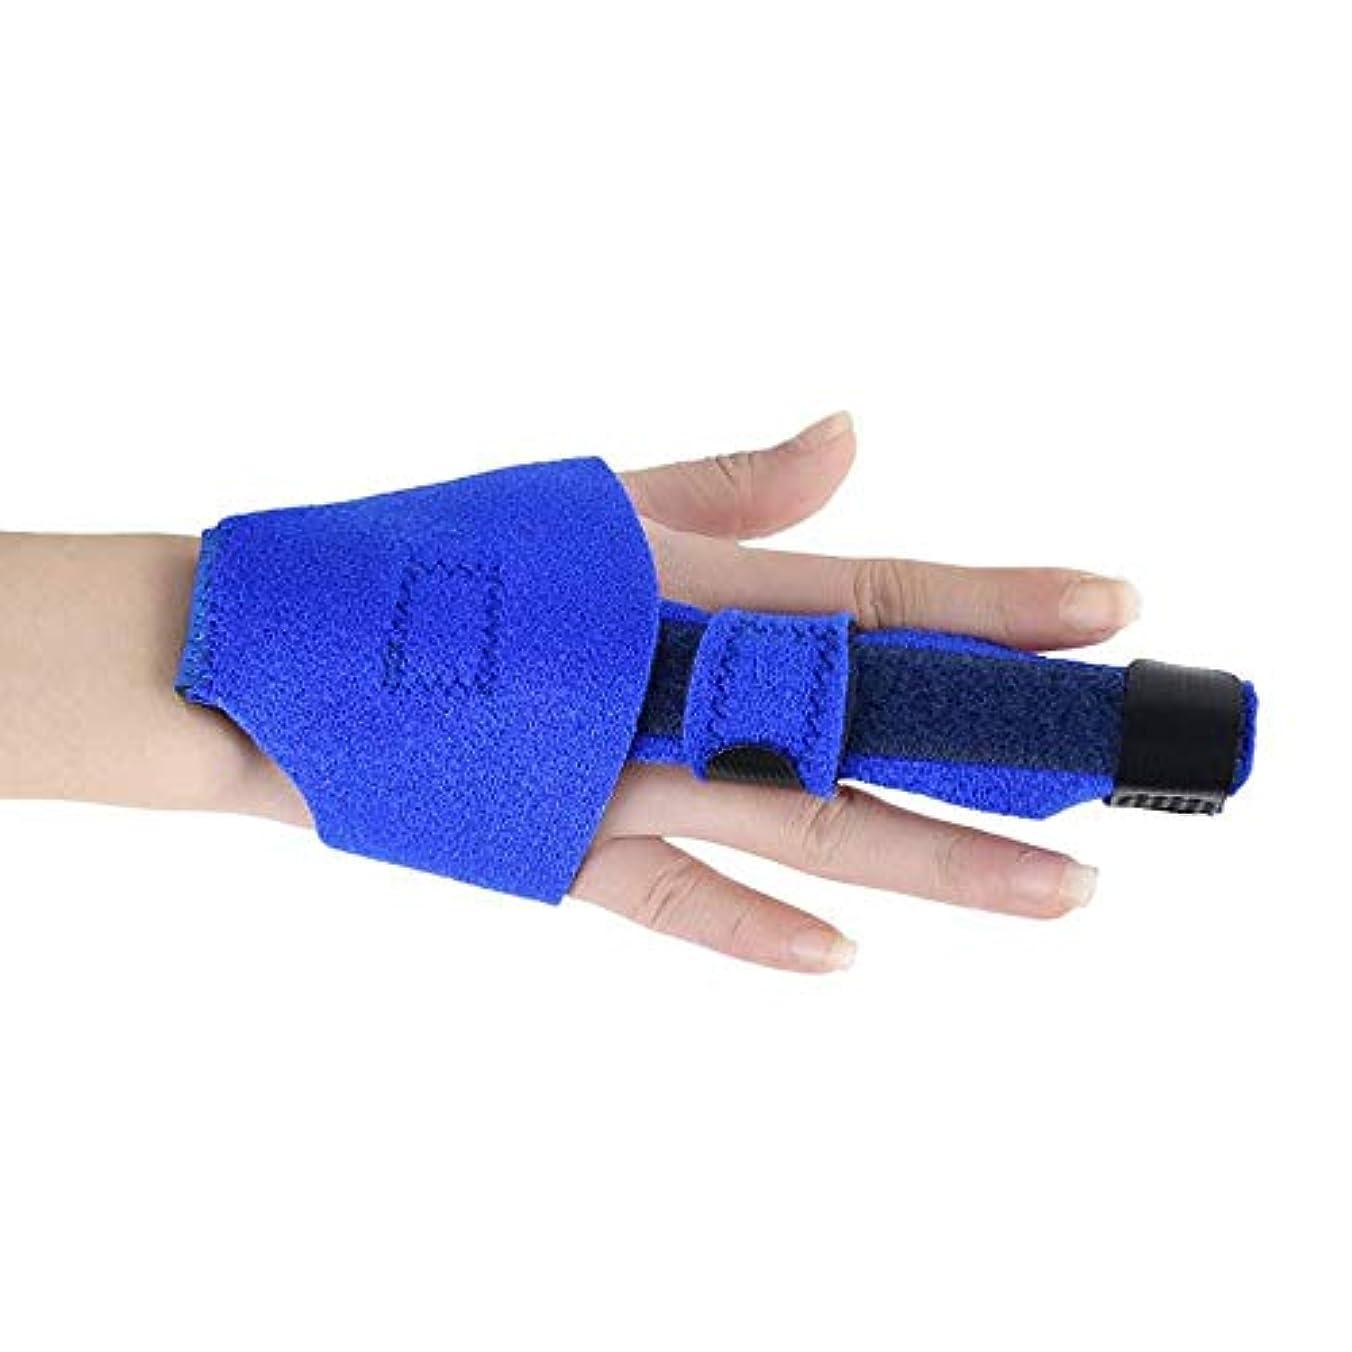 信頼性のある記憶出版指の怪我のサポート、指関節の添え木ナックル固定サポート骨折指の延長ストレートスリーブ